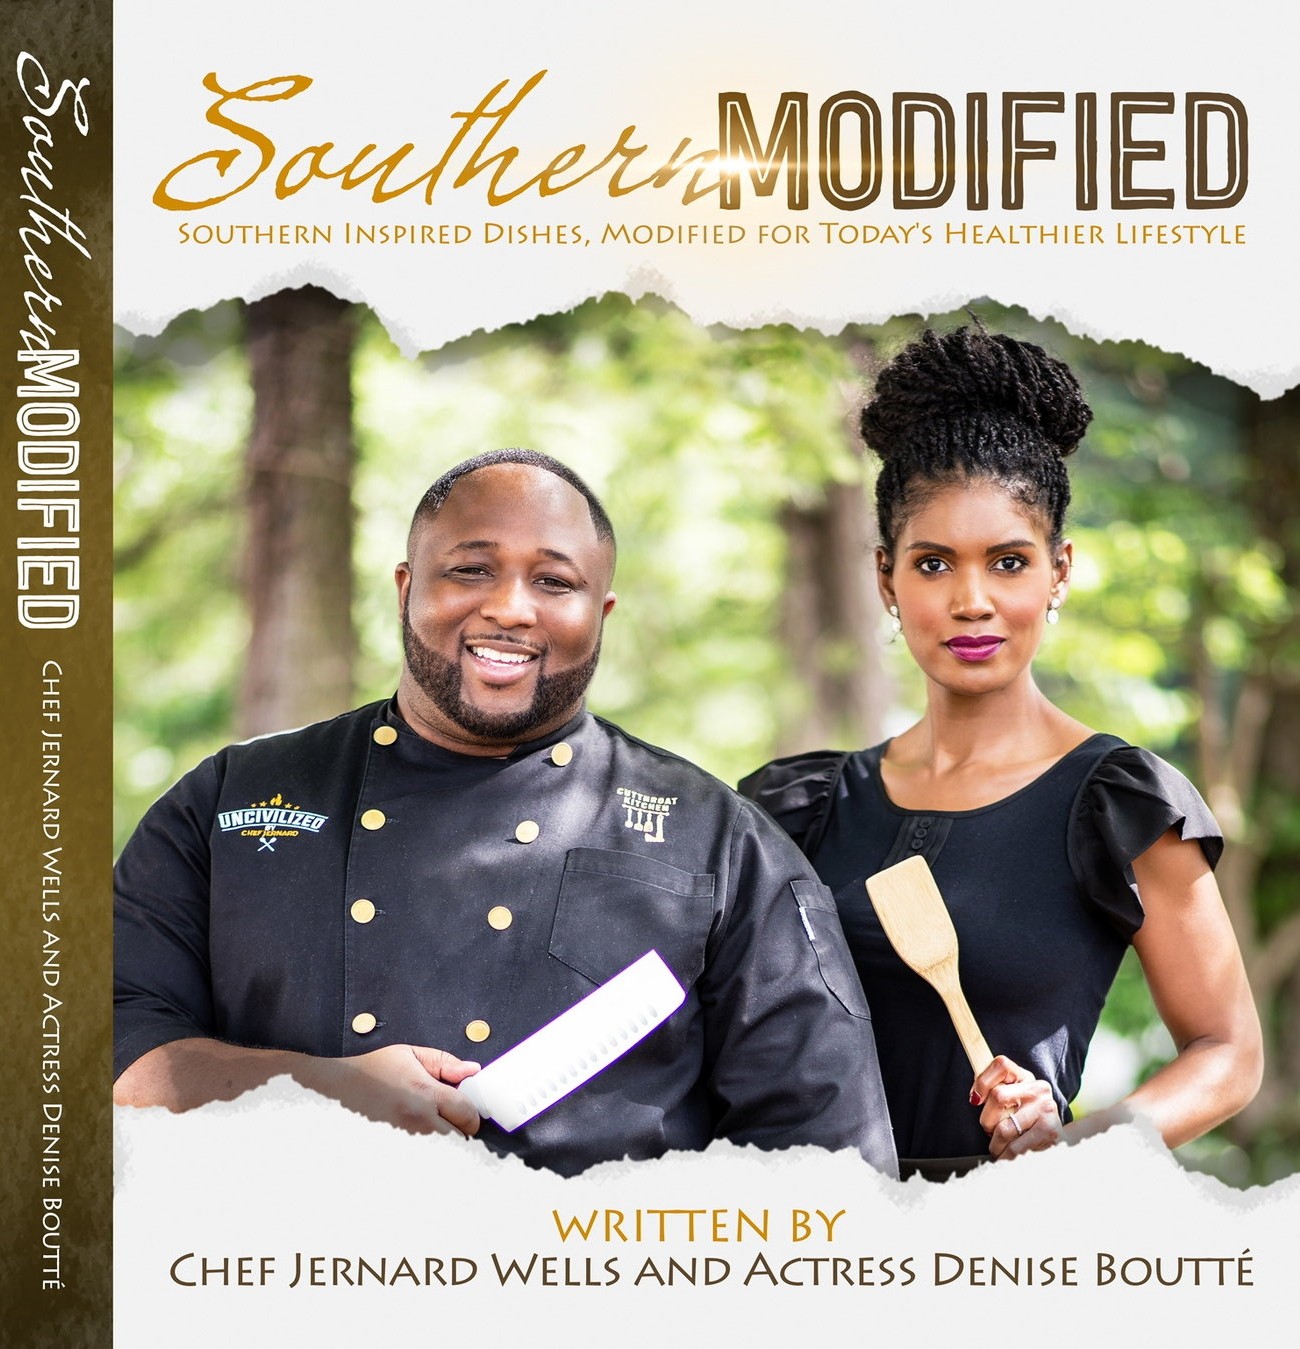 Southern Modified_Chef Jernard_Denise Boutte.jpg